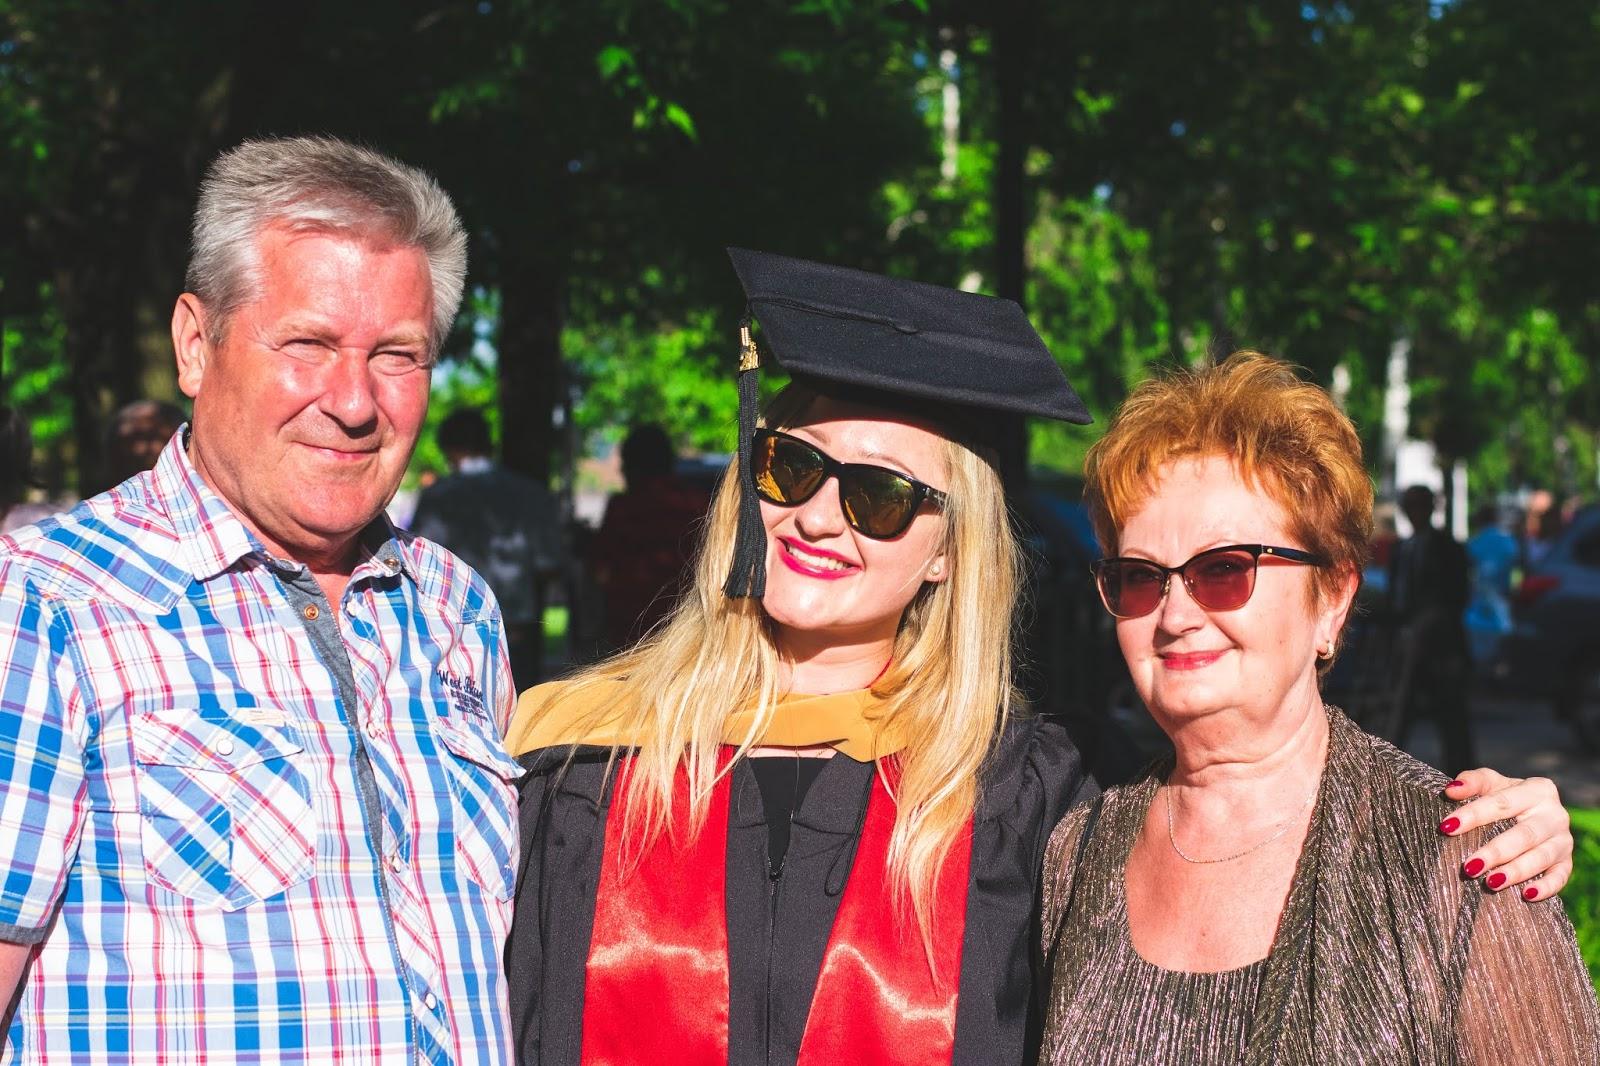 Kata-Kata Mutiara Tentang Keluarga yang Menyentuh Hati